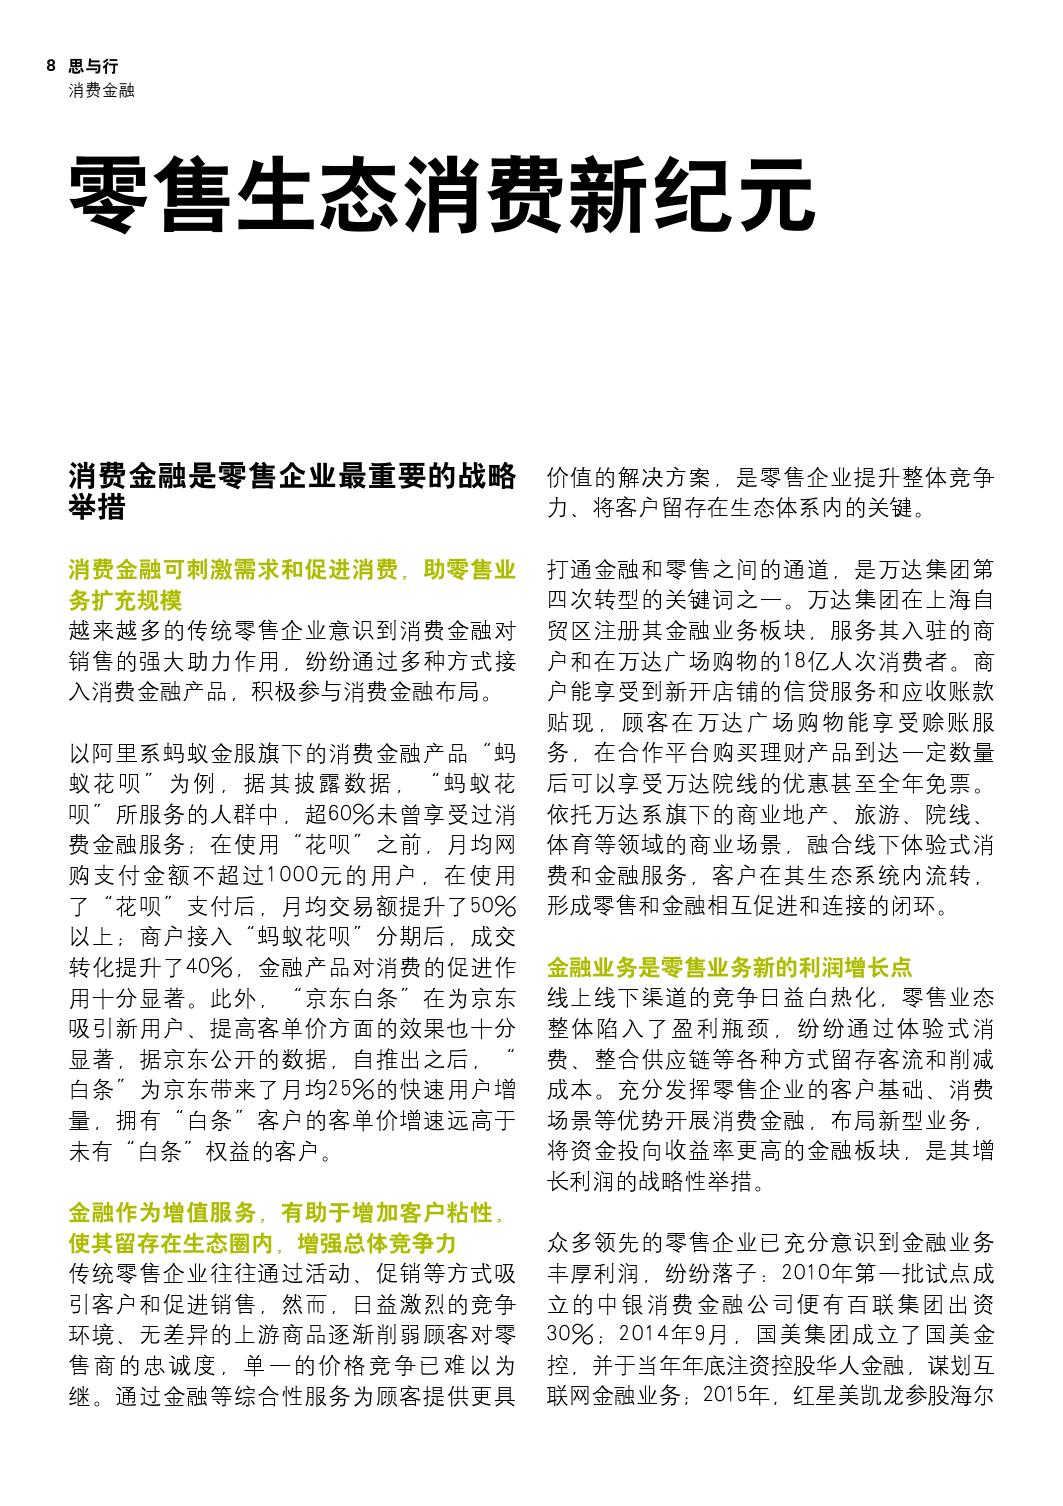 消费金融:开启零售生态消费新纪元_000008